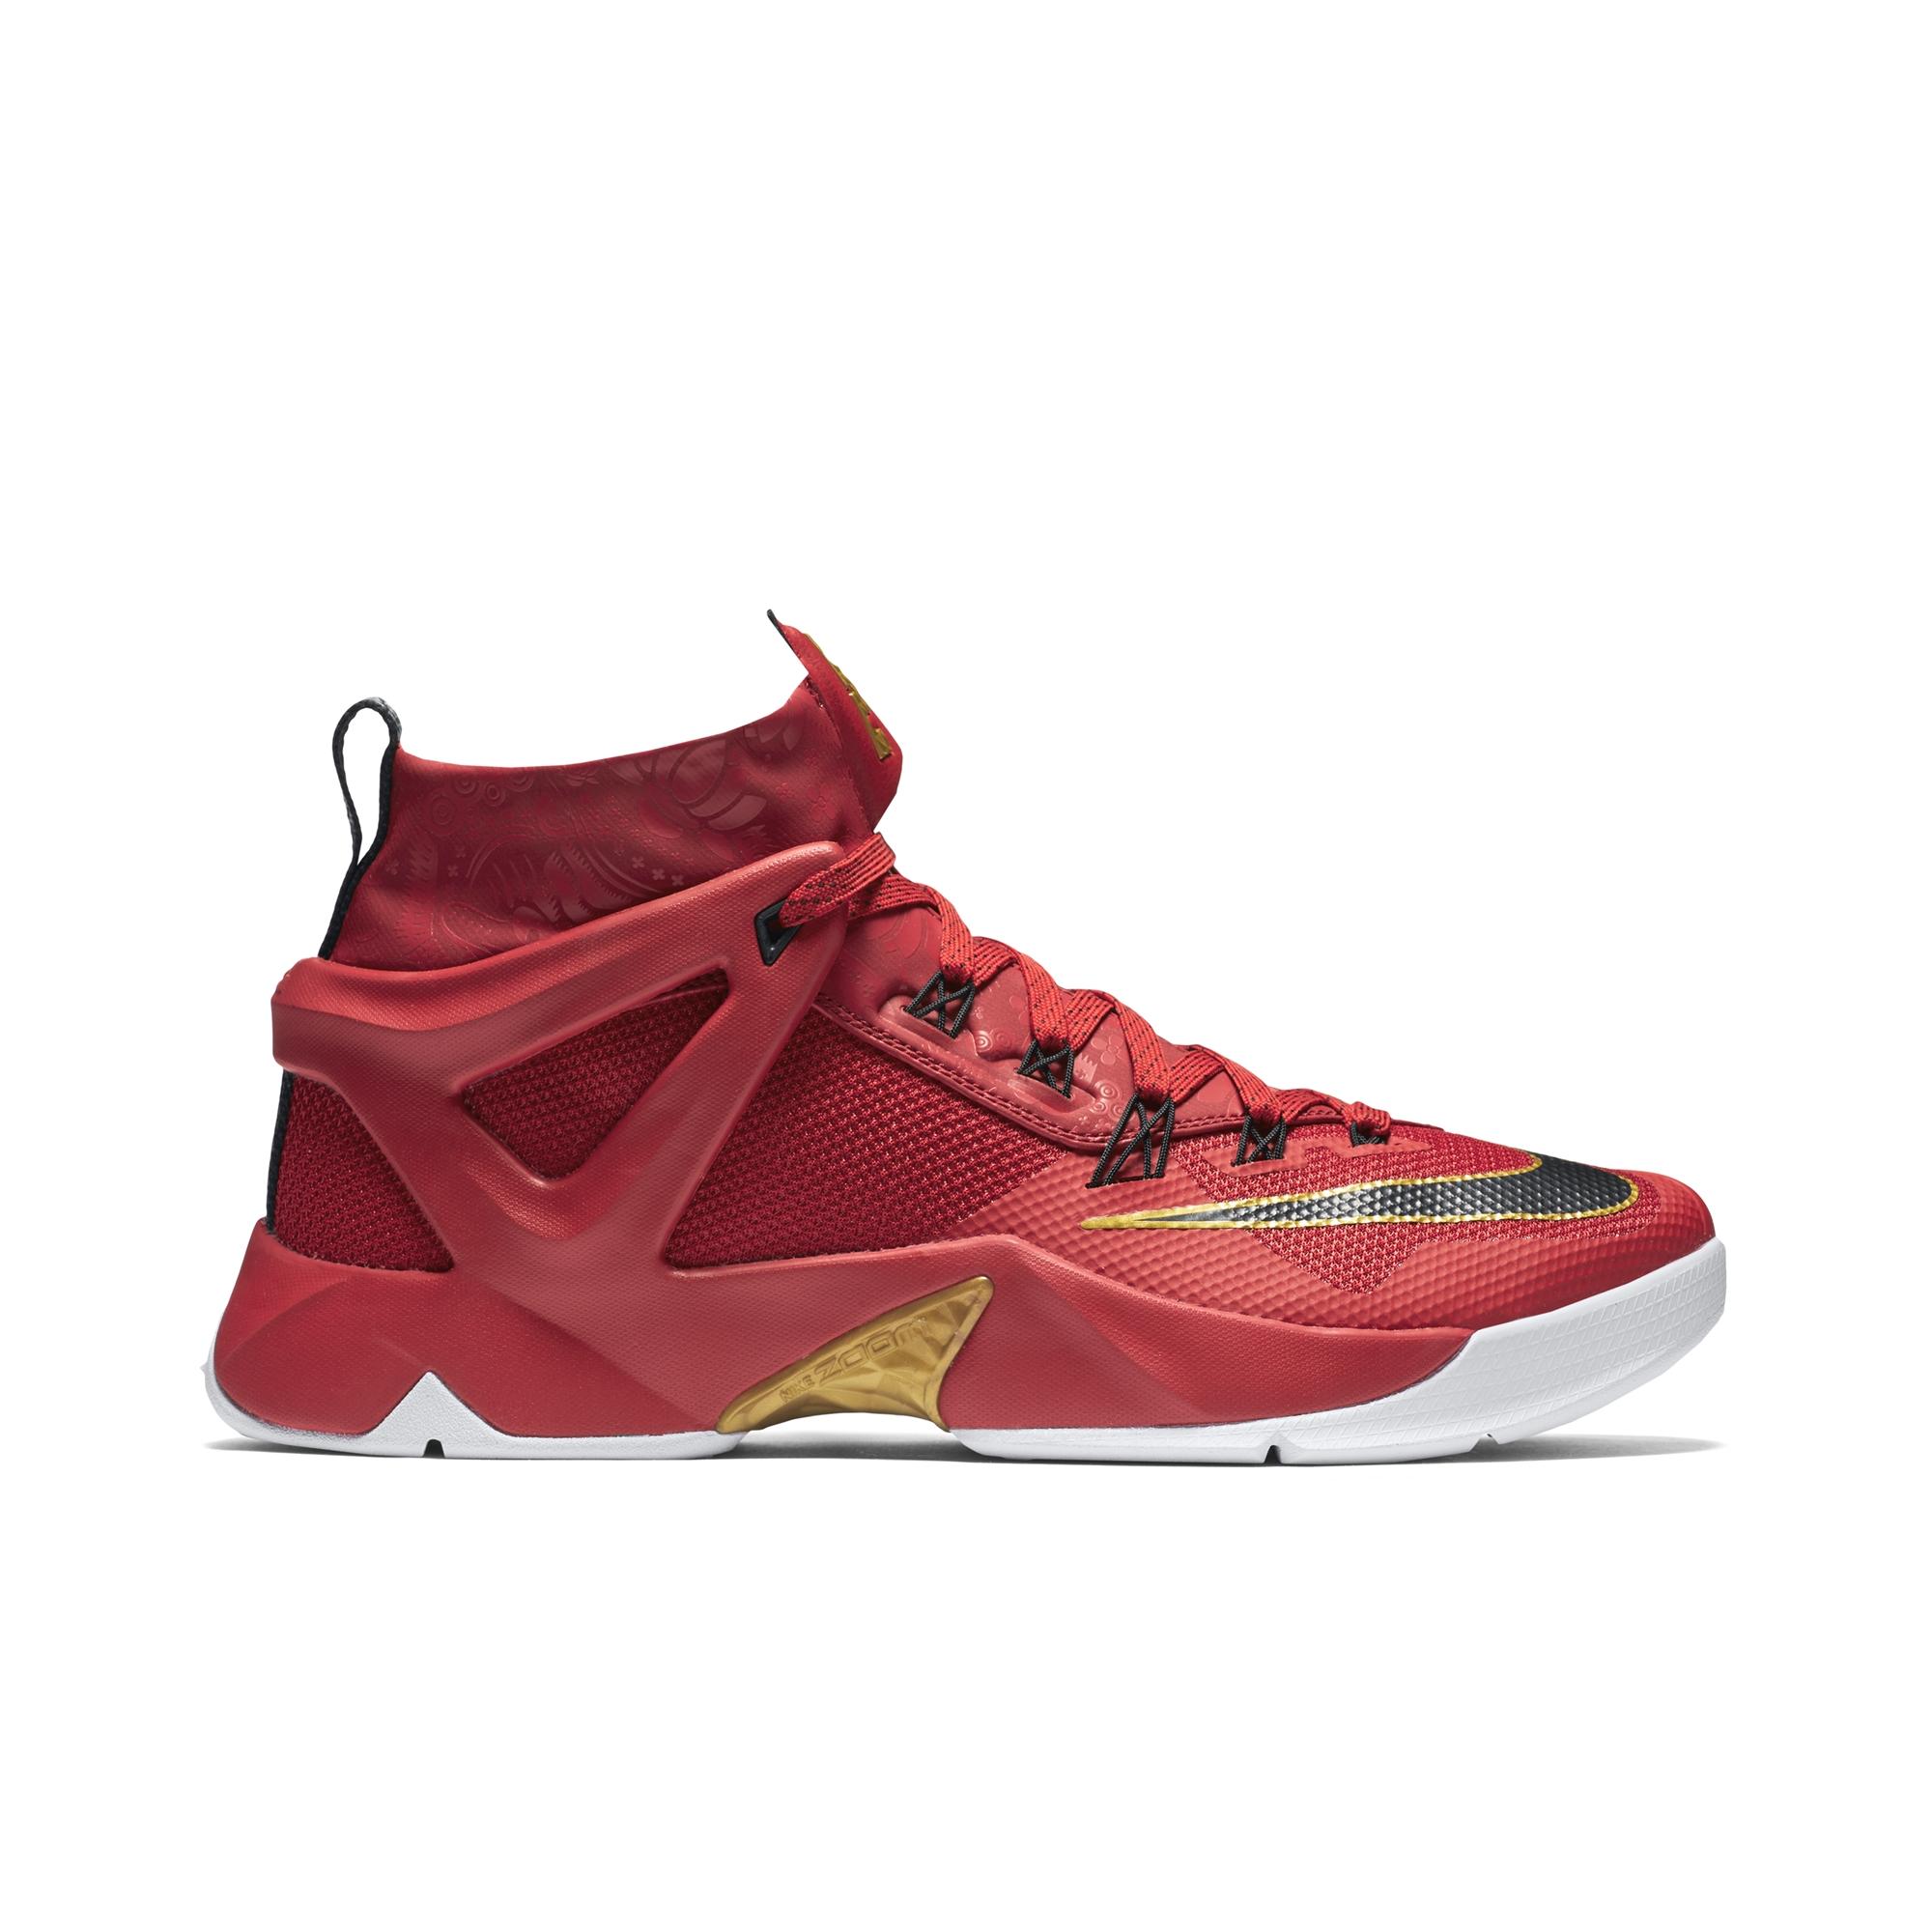 Quem pratica basquete precisa de proteção nos tornozelos, como a opção do Tênis Nike Ambassador VIII (Foto: Reprodução Nike)